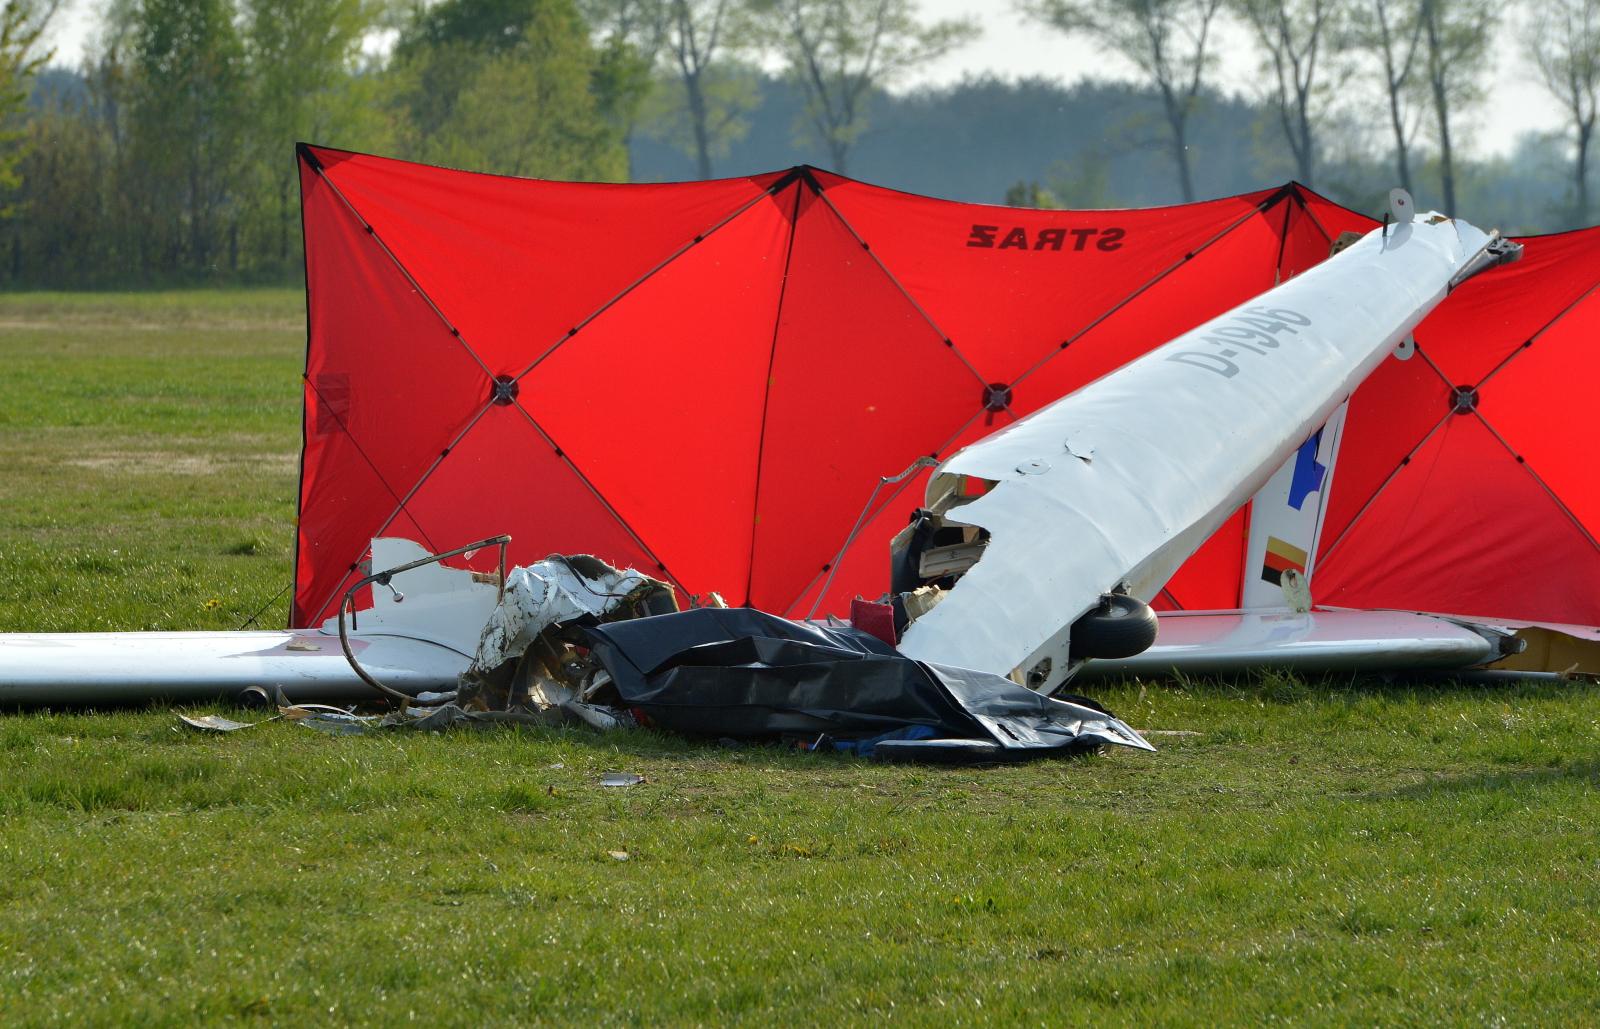 Szybowiec pilotowany przez 21-letniego mężczyznę spadł w pobliżu lotniska Aeroklubu Ziemi Jarosławskiej w miejscowości Laszki. Pilot zginął na miejscu. Fot. PAP/Darek Delmanowicz